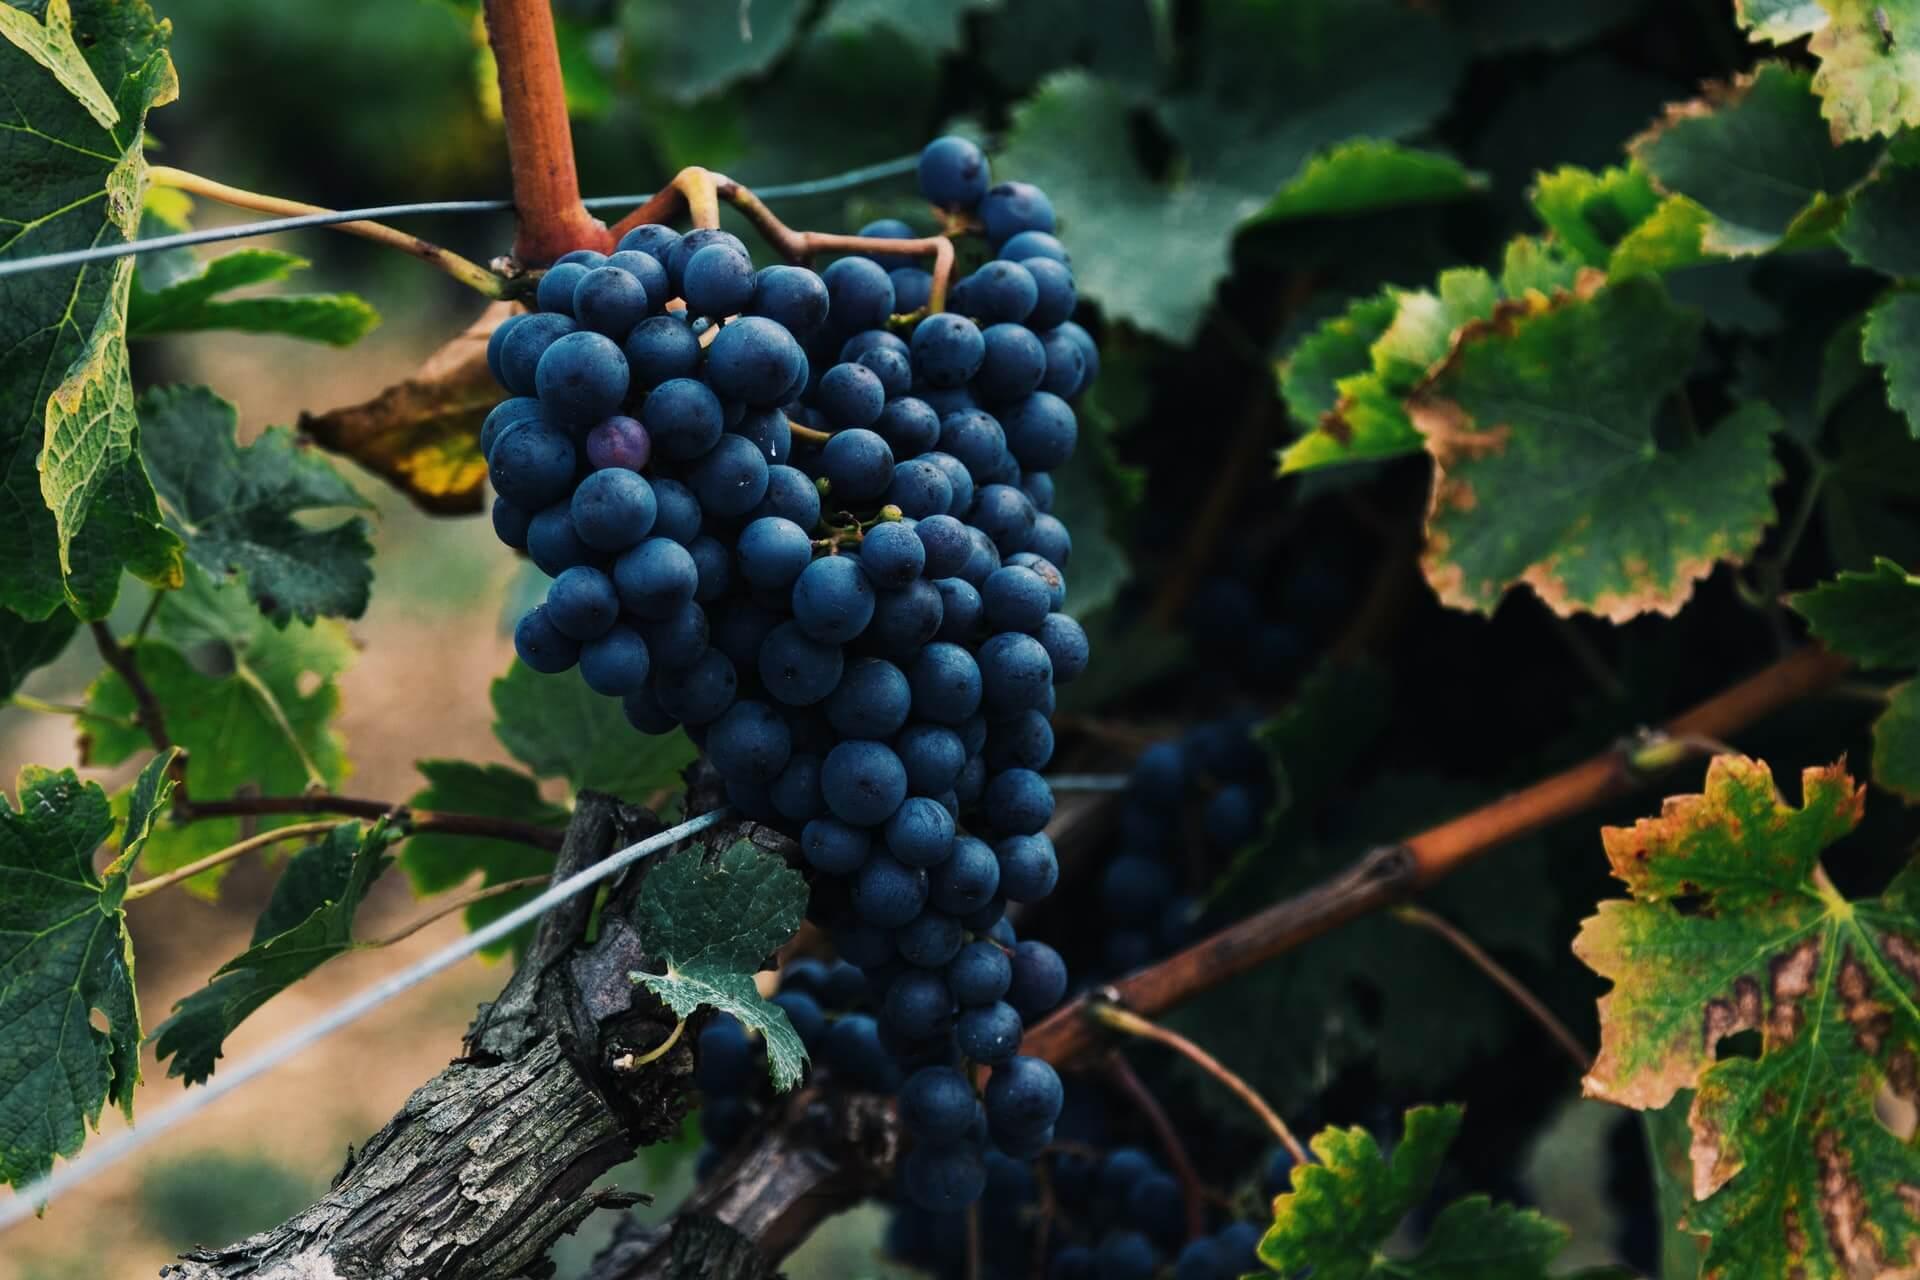 Cantina Terrasol Azienda vinicola con produzione di vini autoctoni siciliani a Modica